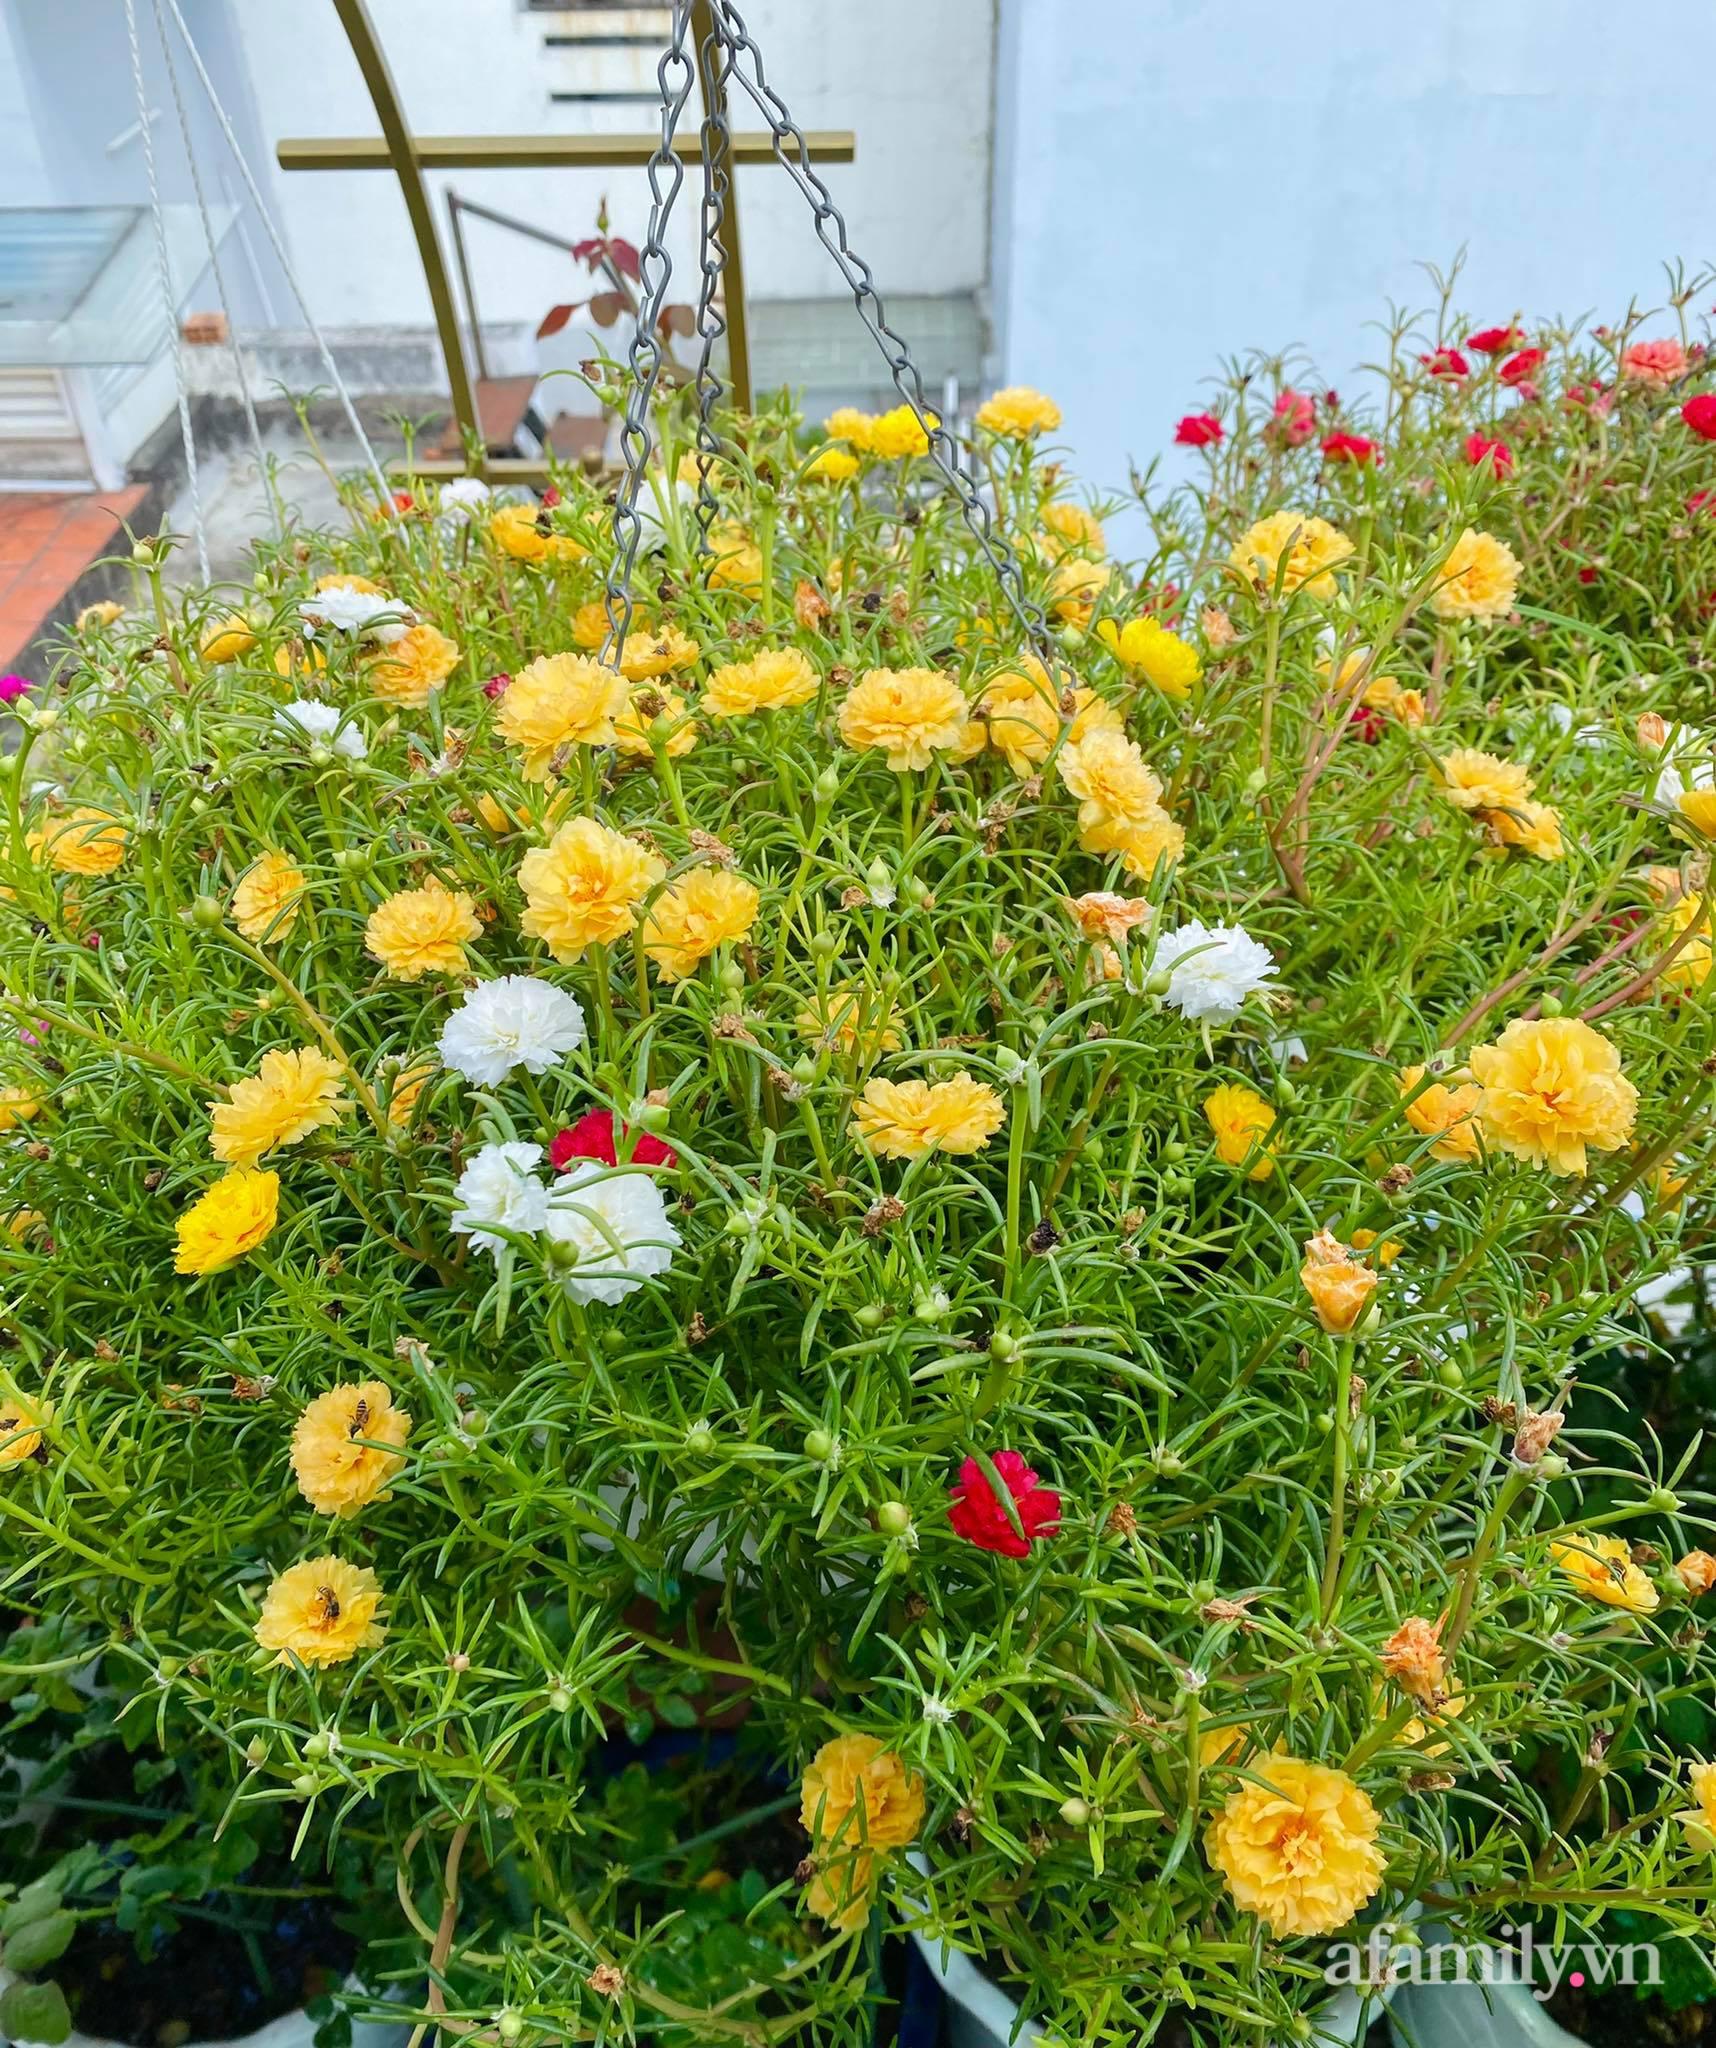 Sân thượng phủ kín hoa hồng và rau quả sạch ở Sài Gòn của Hoa hậu Janny Thủy Trần-23